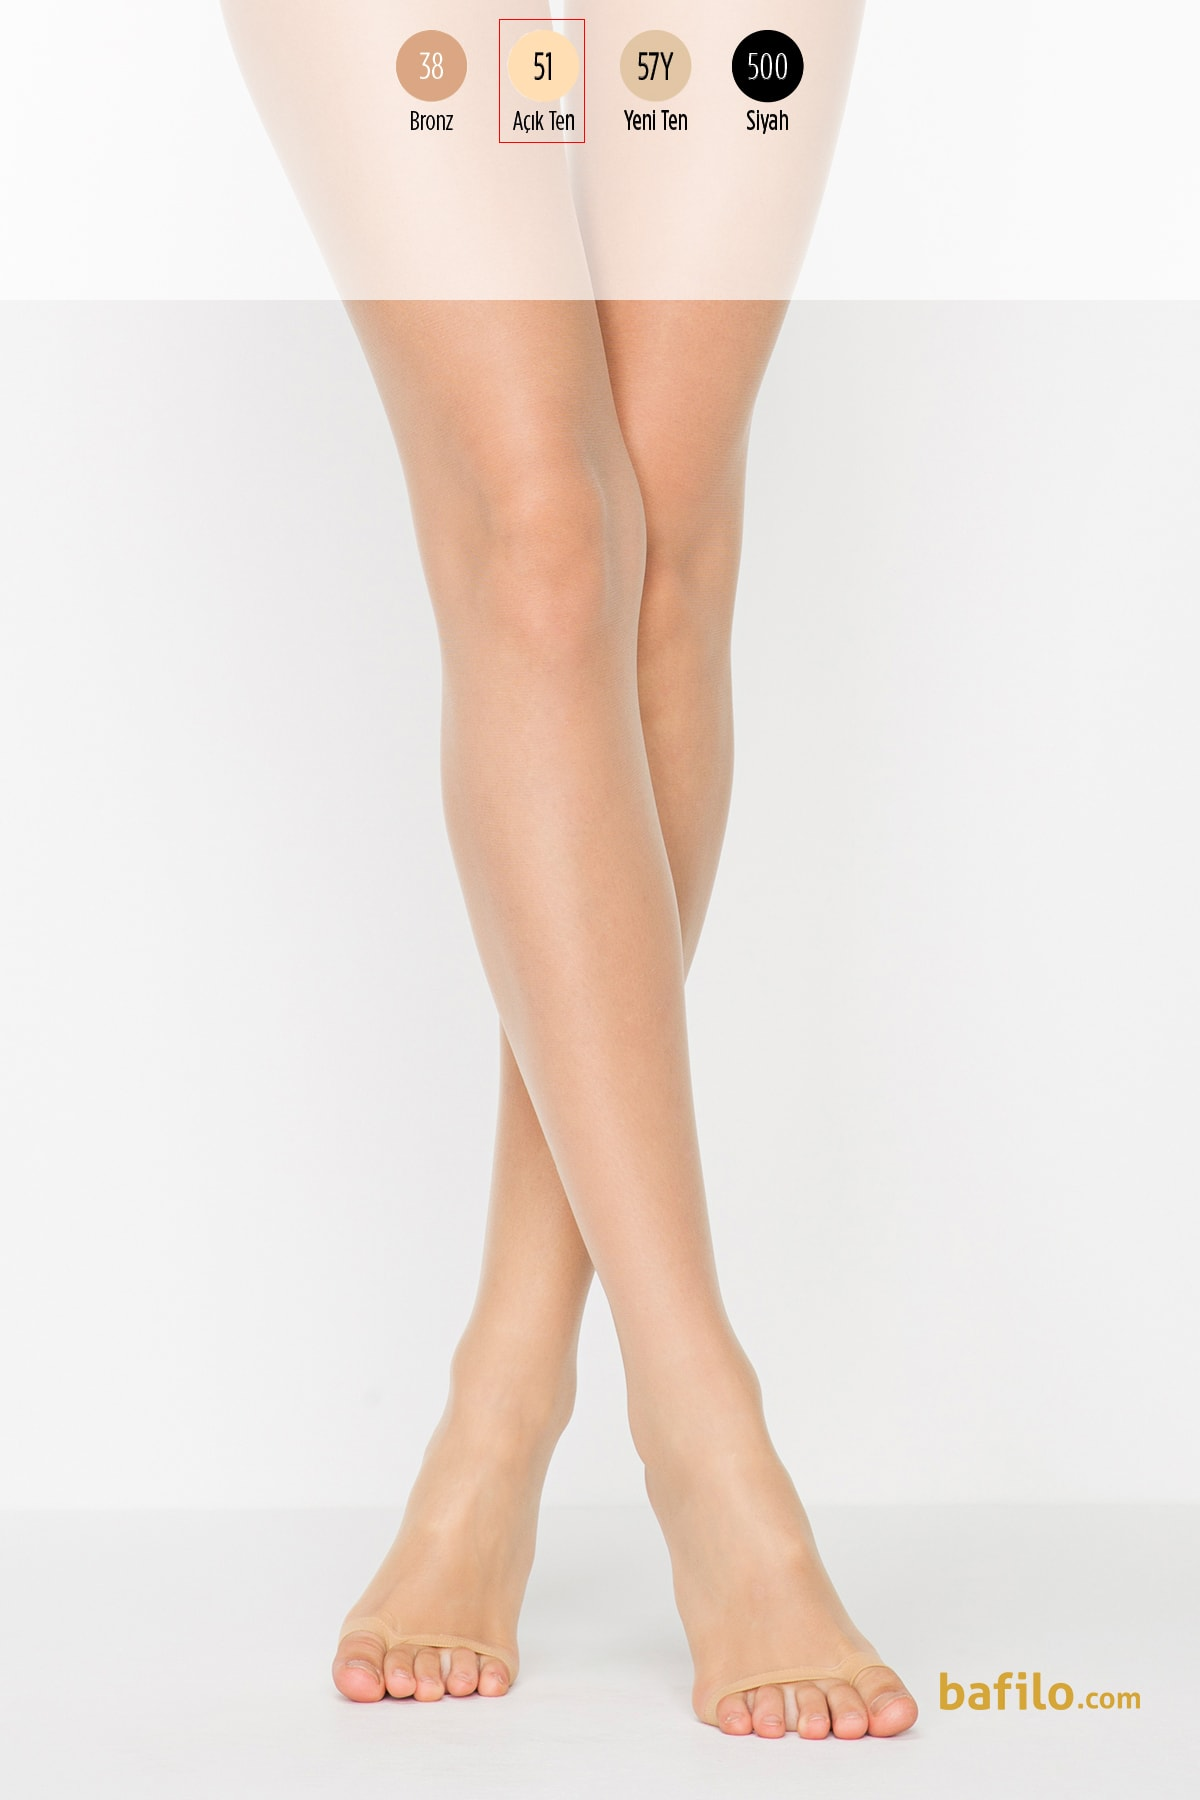 پنتی | Penti - جوراب شلواری دکلته استپ دار پنتی Dekolte 10 - رنگ بدن روشن